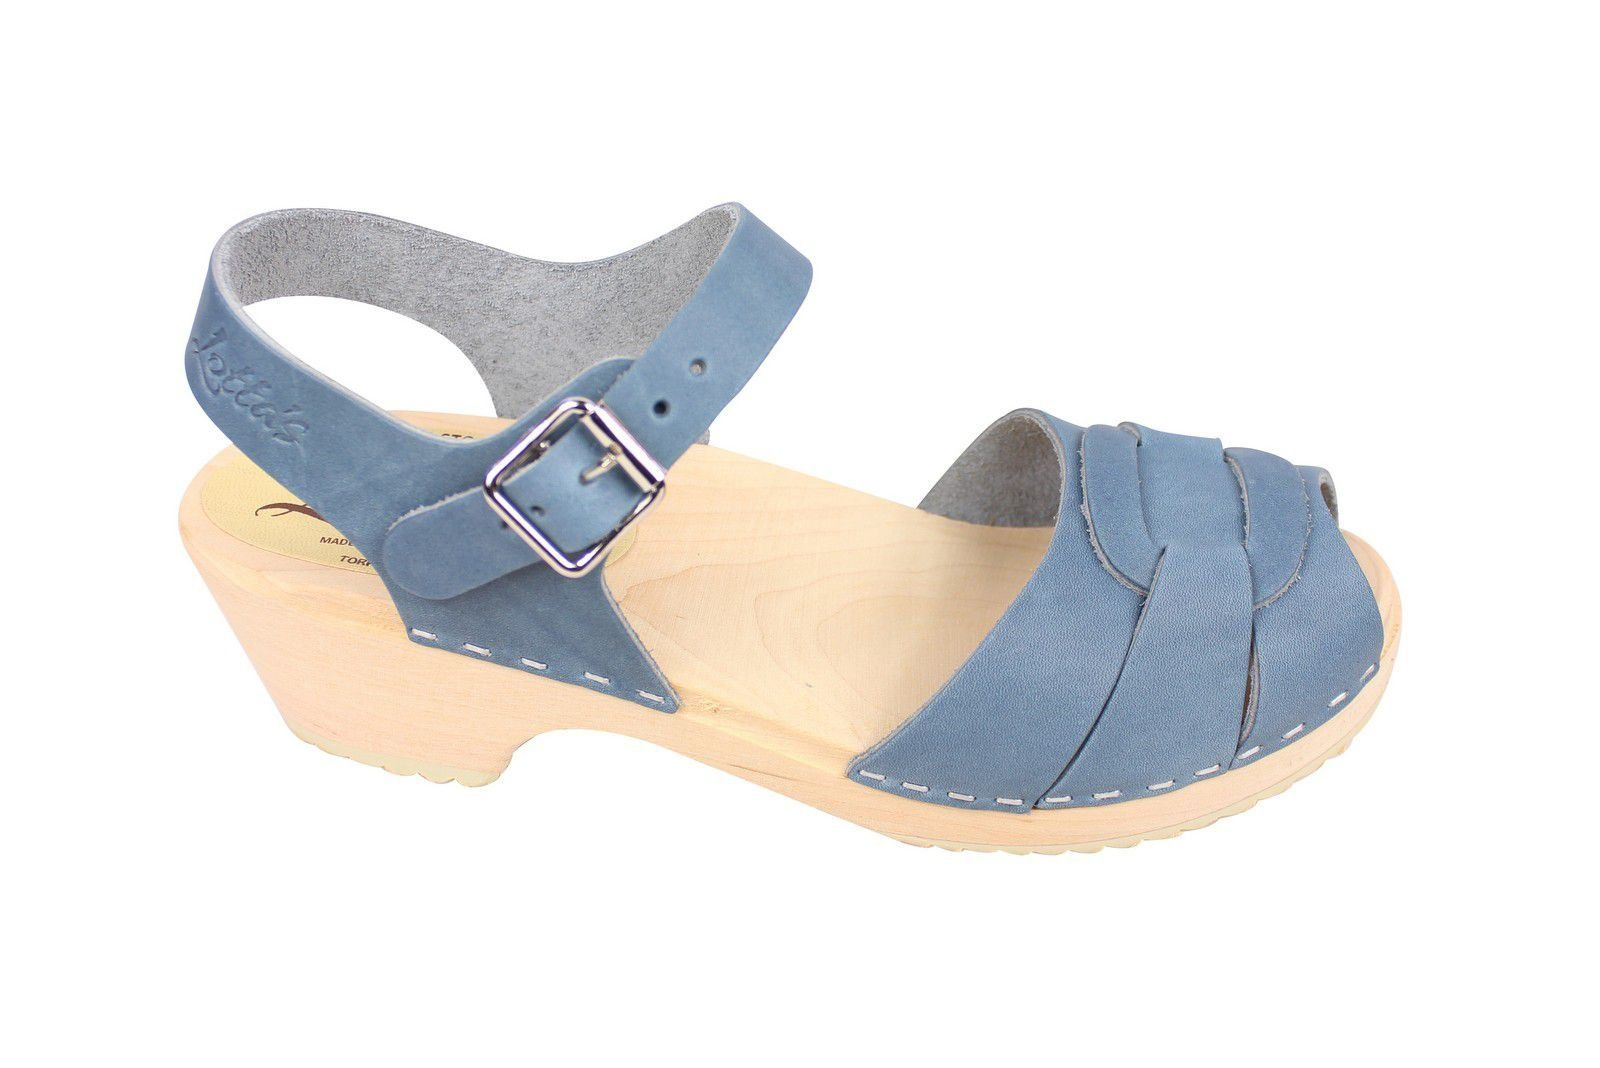 Lotta From Stockholm Low Heel Peep Toe in Steel Blue Leather Side 2